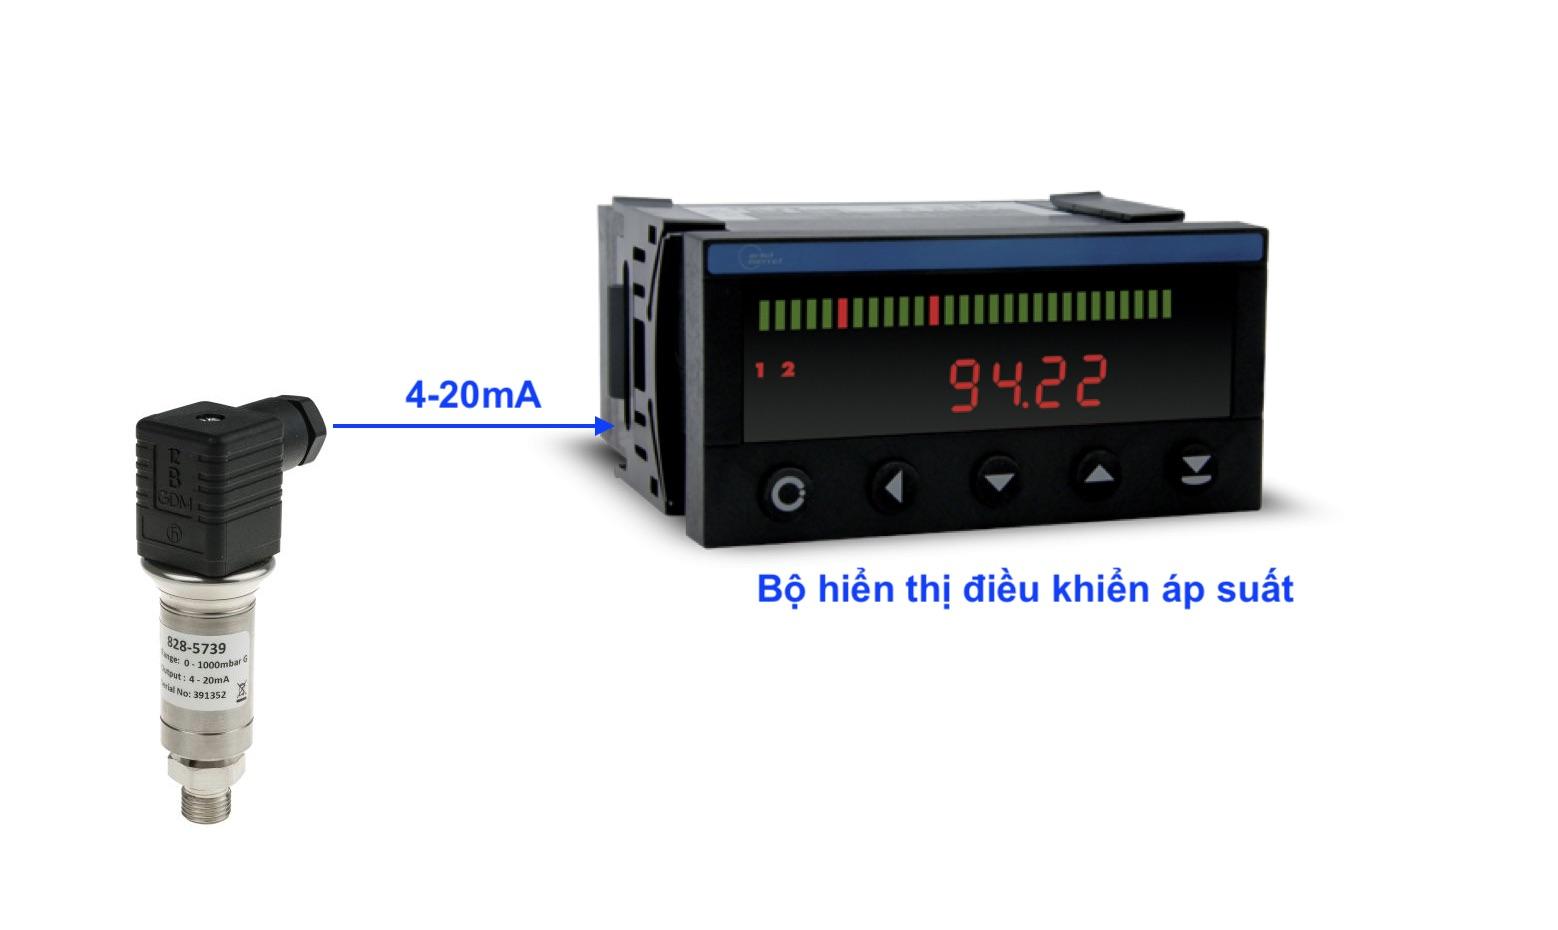 Bộ hiển thị dùng kèm với cảm biến áp suất